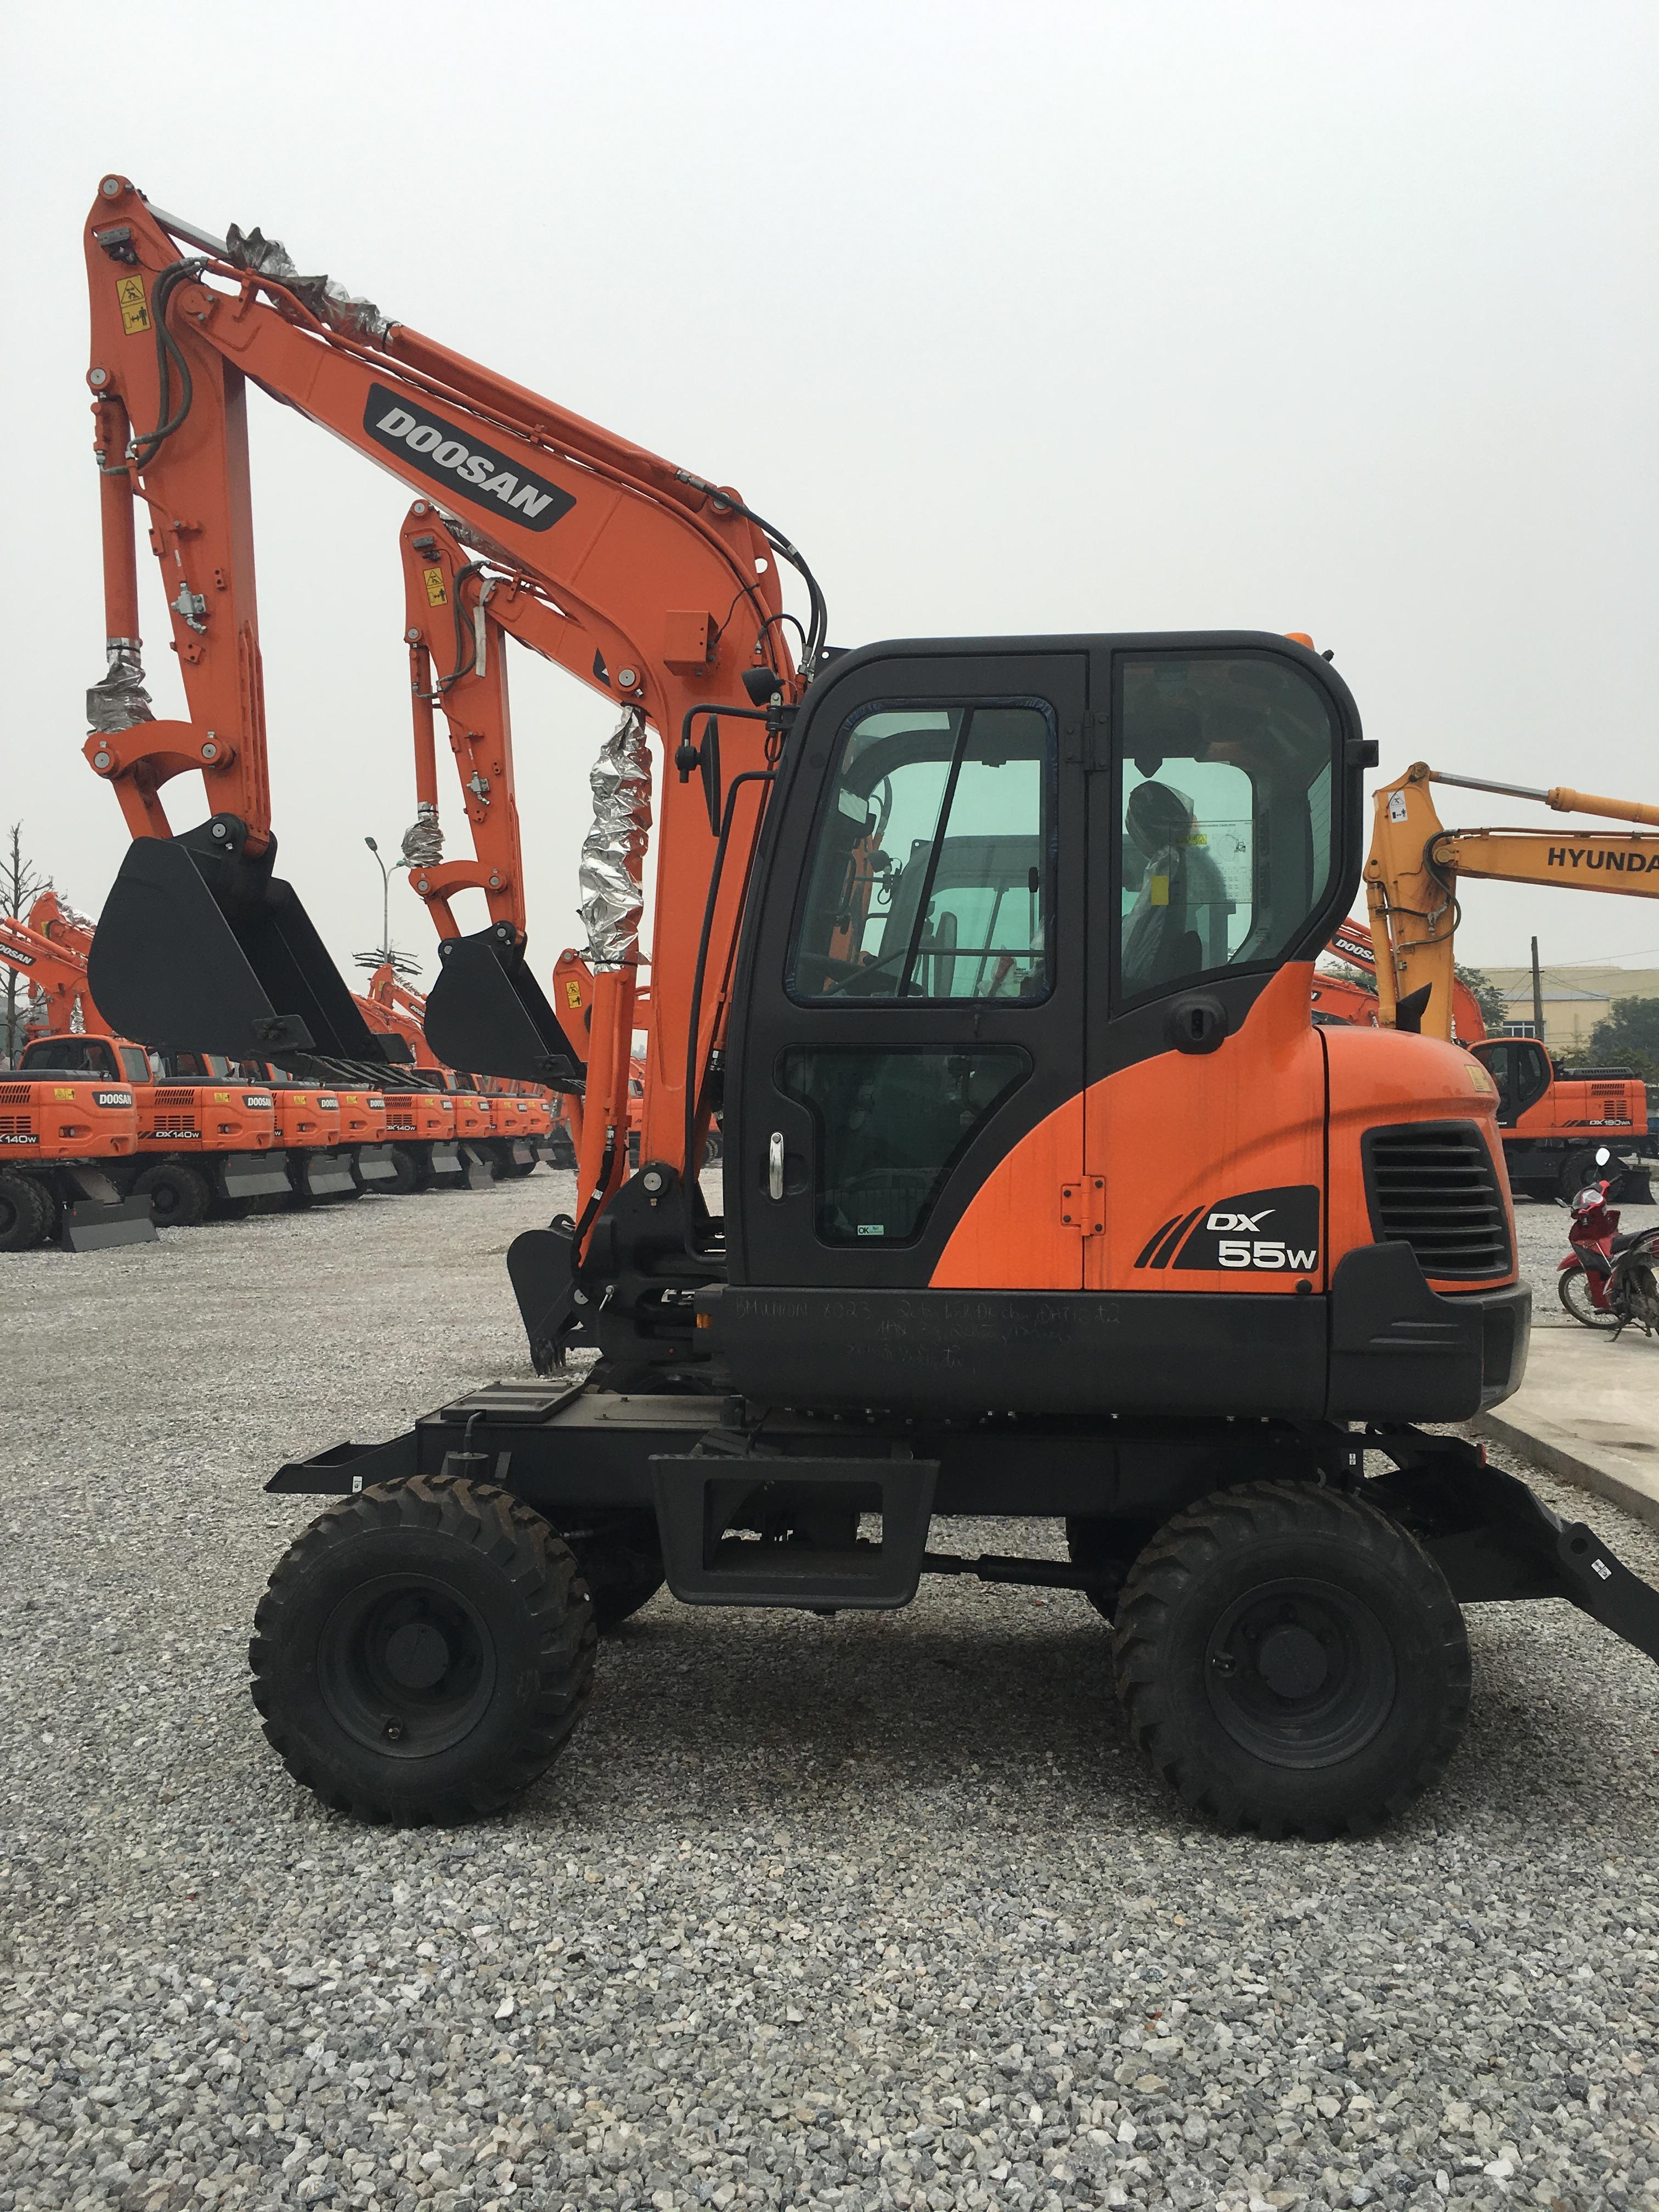 Bán Máy xúc đào bánh lốp,bánh xích Doosan Hàn Quốc mới   DX 55W, DX 140W, DX 190W